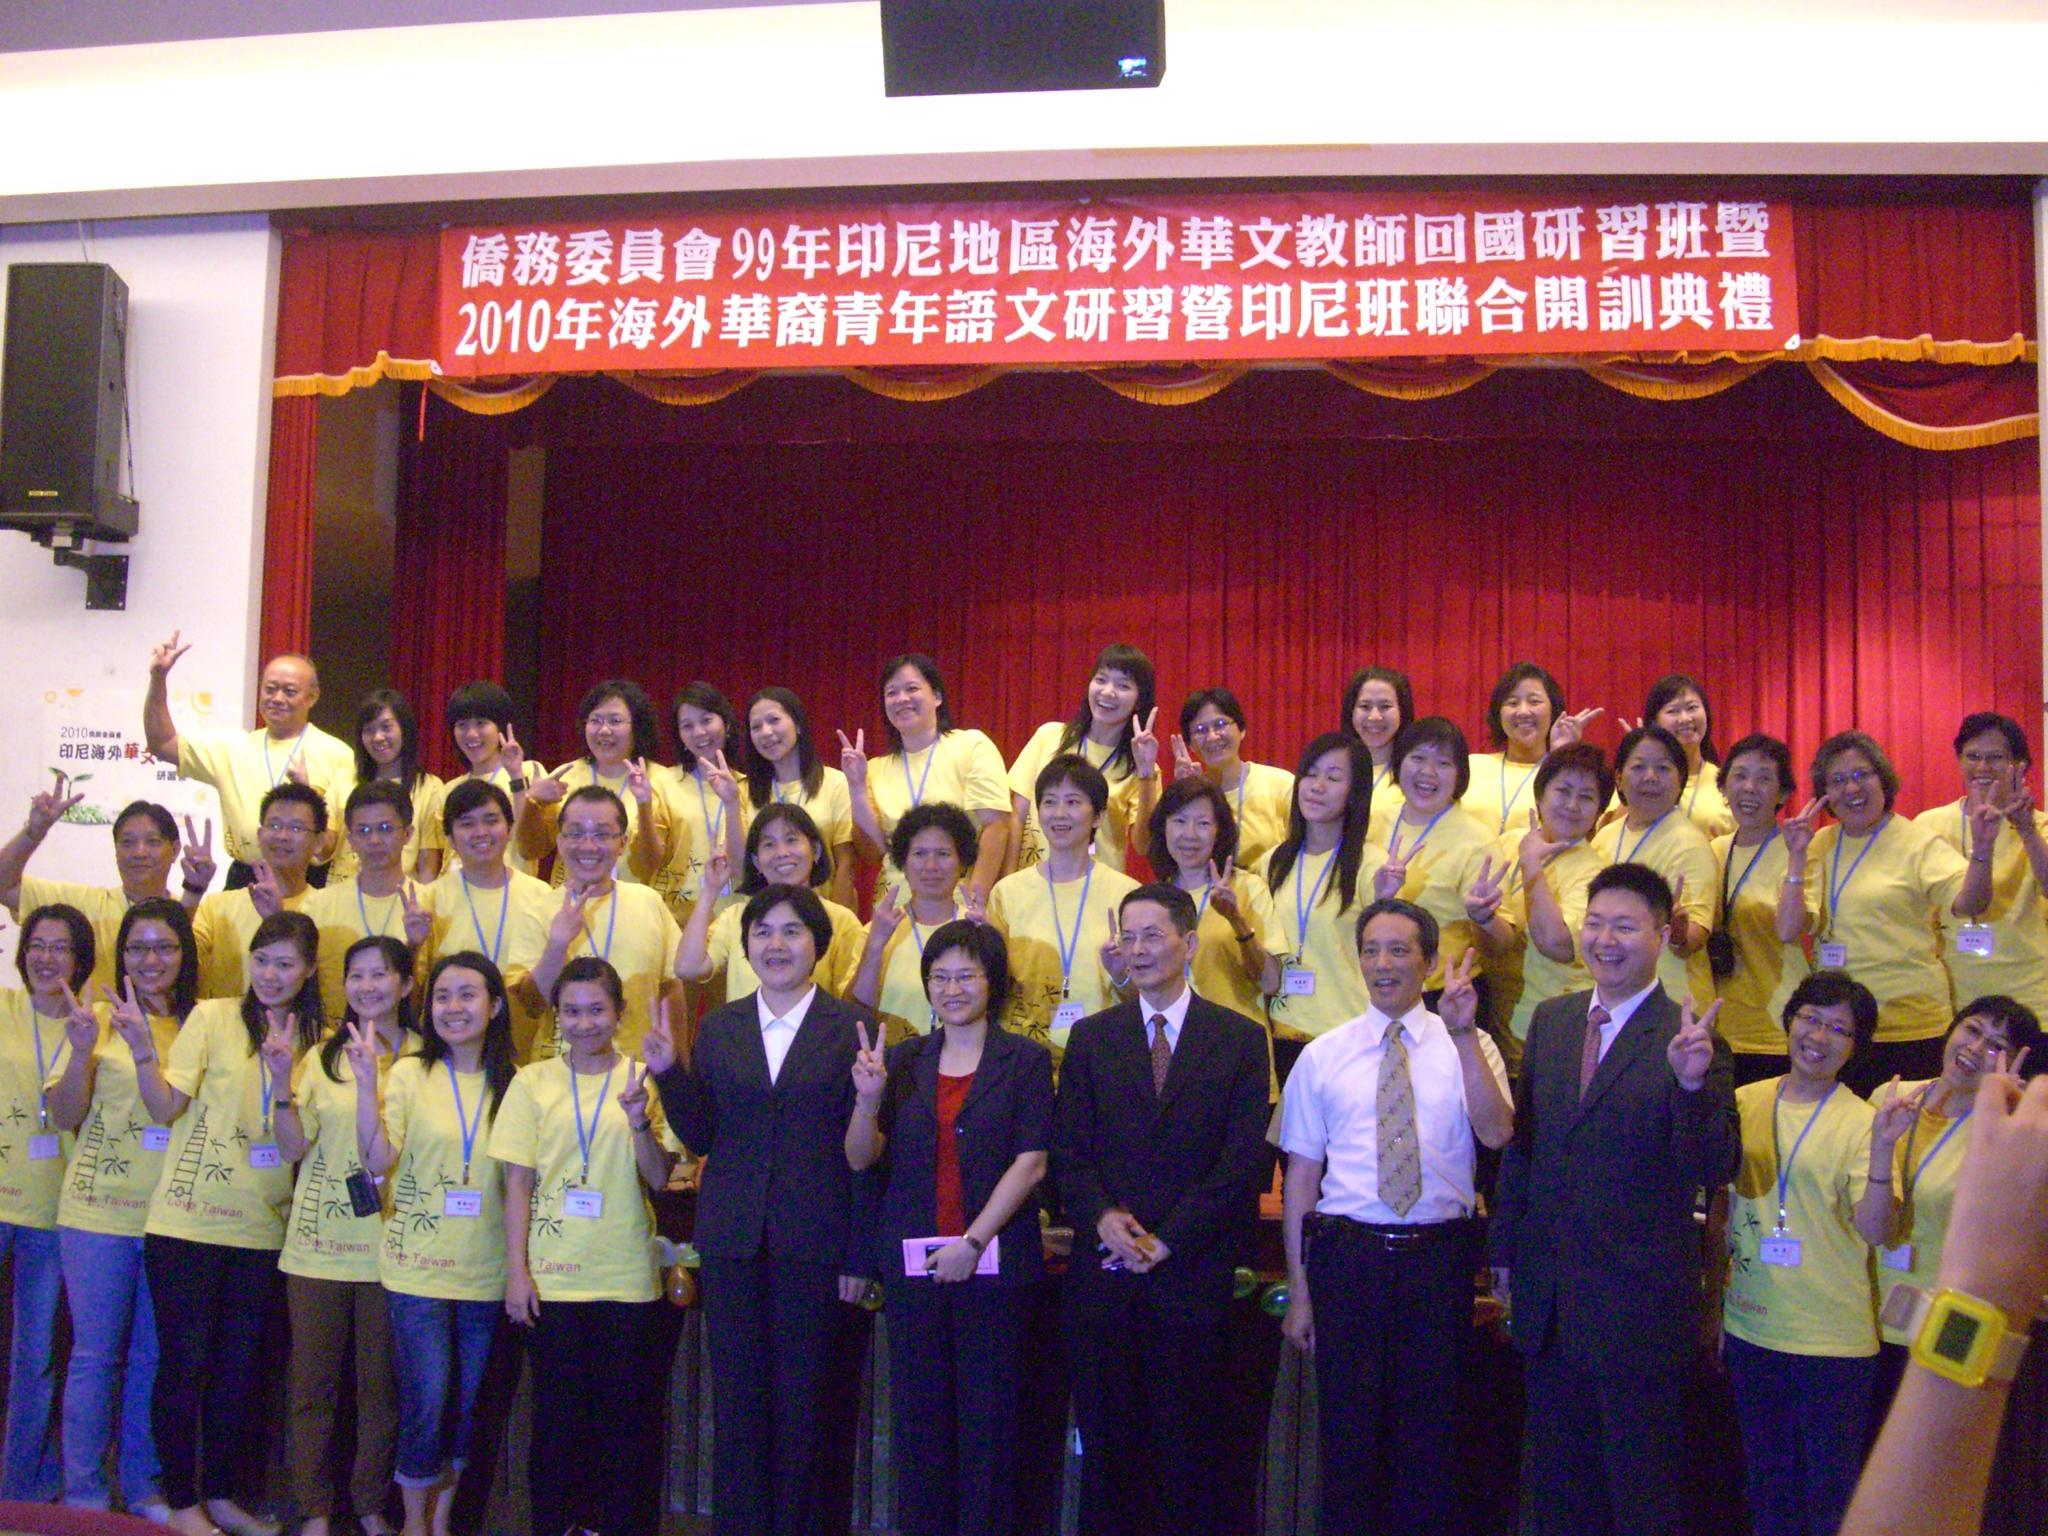 推廣中心承辦「印尼地區海外華文教師研習班暨海外華裔青年語文研習班」